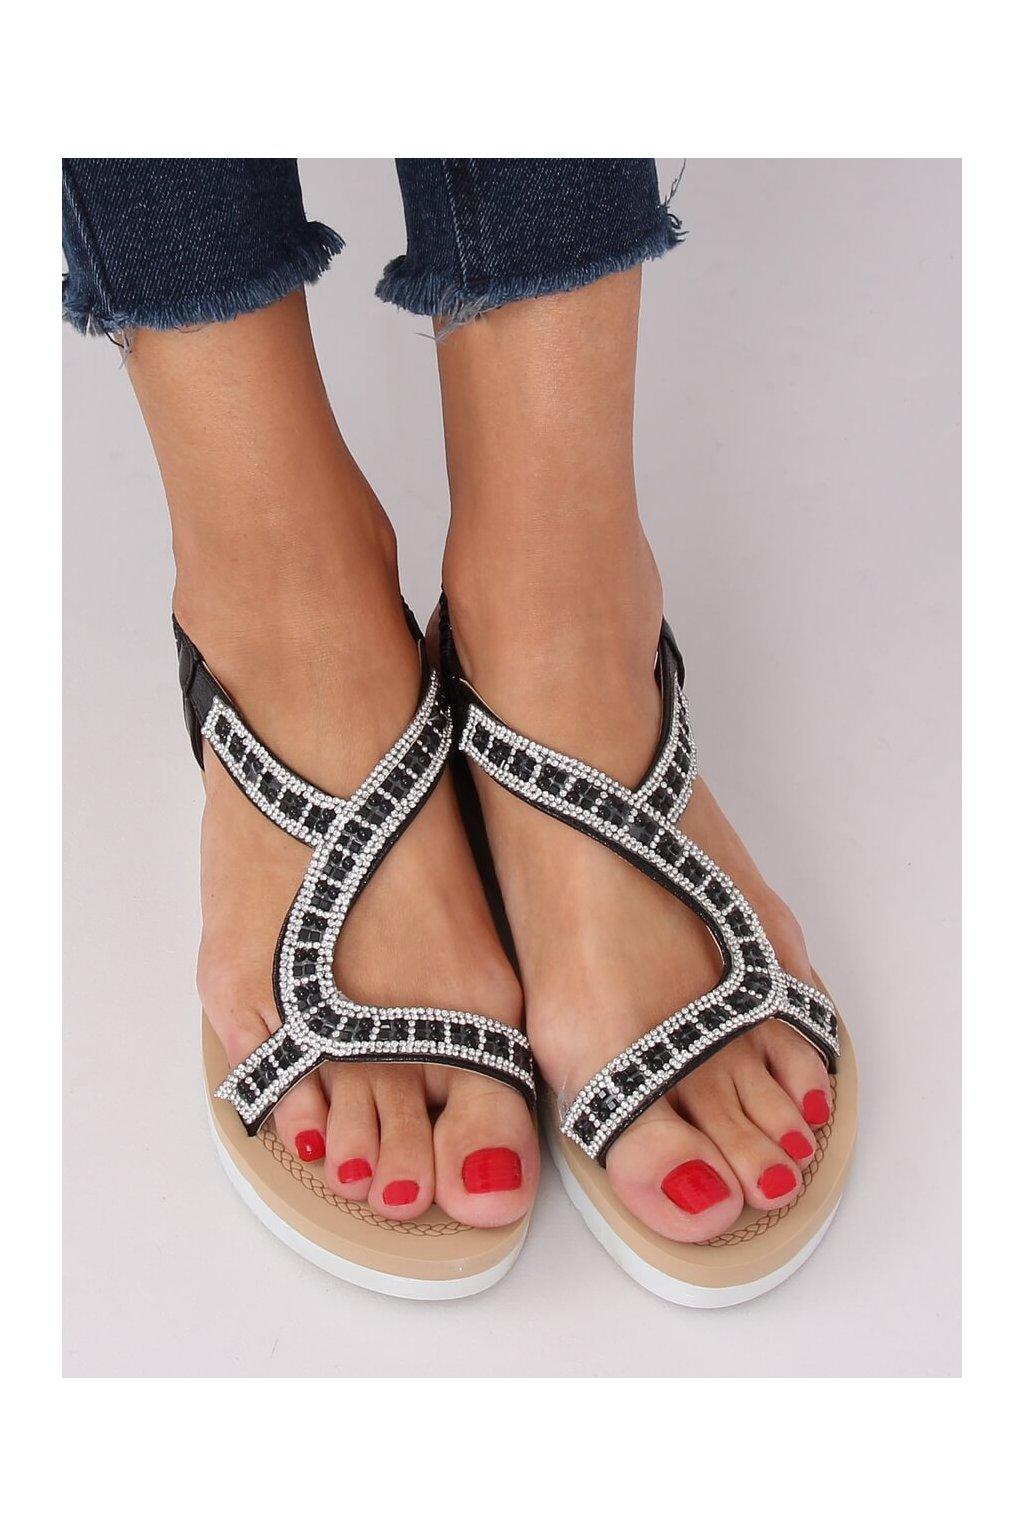 Dámske sandále čierne na plochom podpätku HD-129